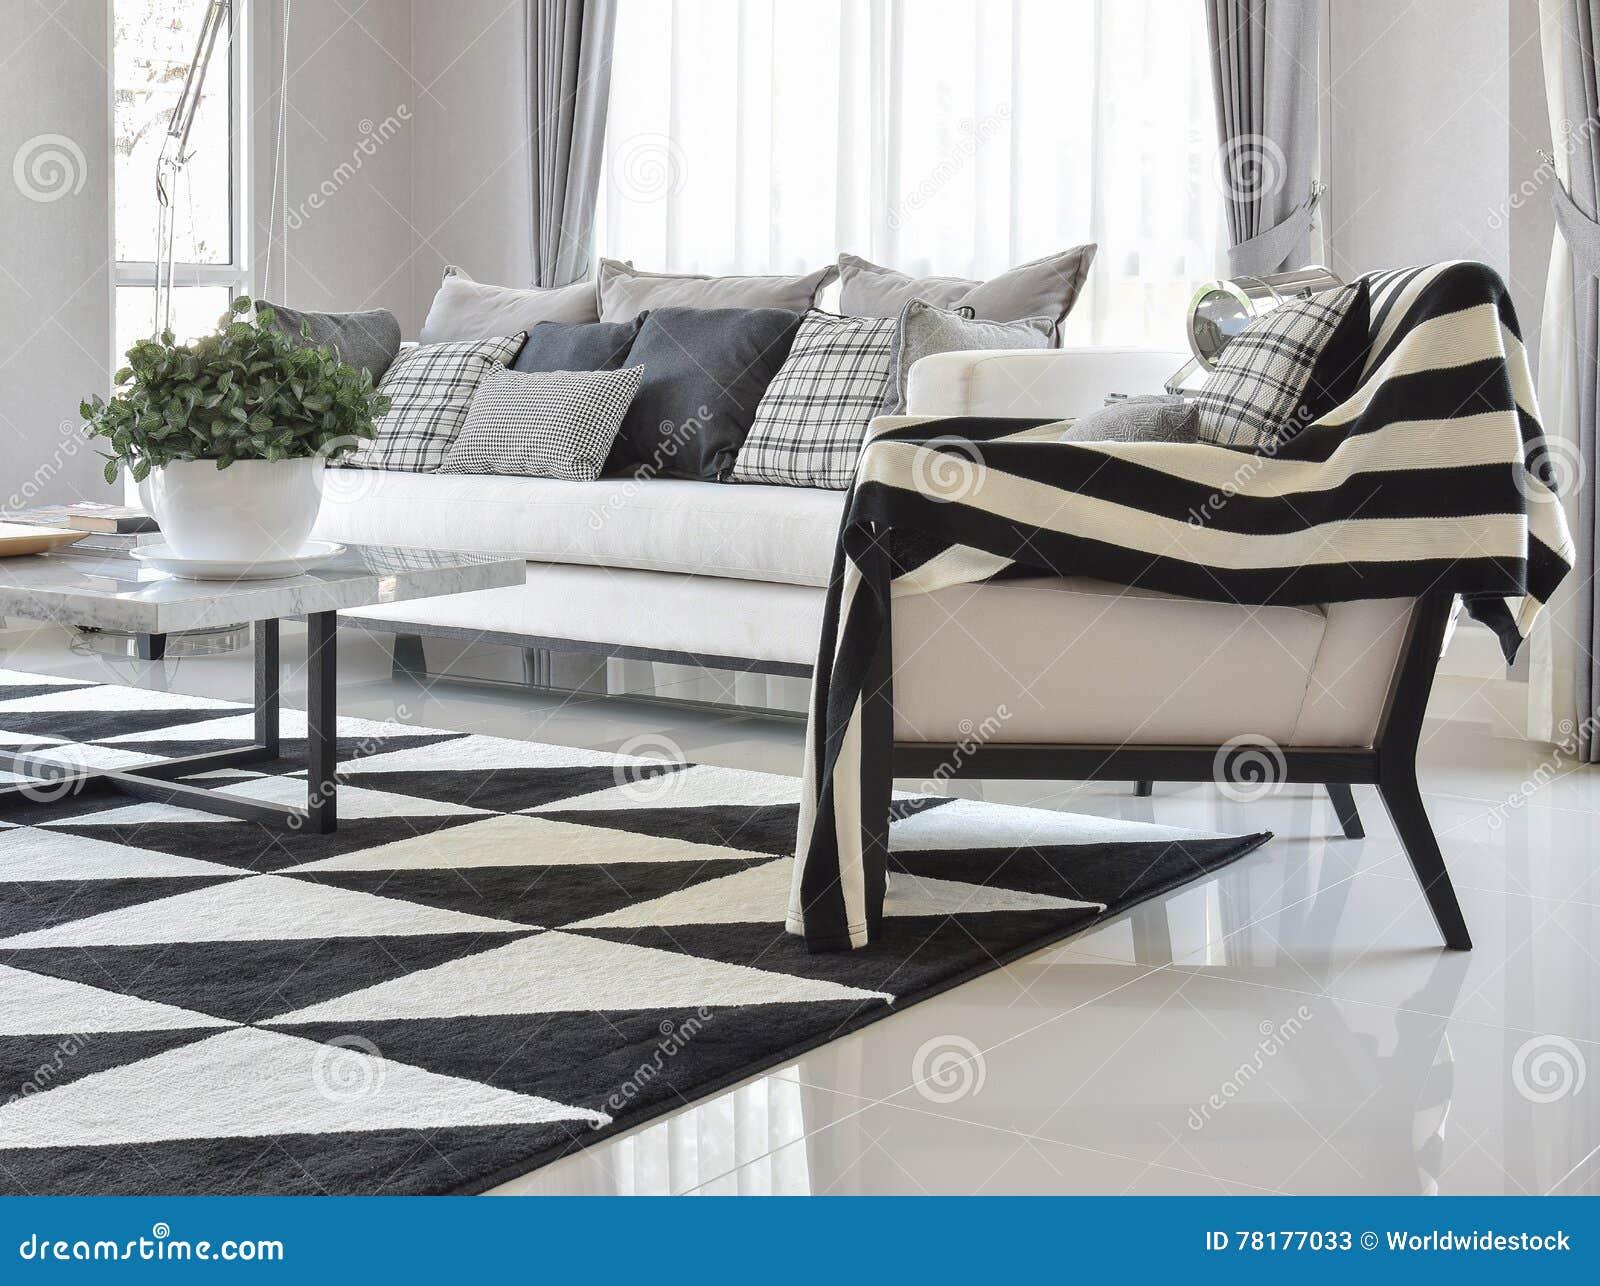 Tapijt Zwart Wit : Modern woonkamerbinnenland met zwart wit gecontroleerd